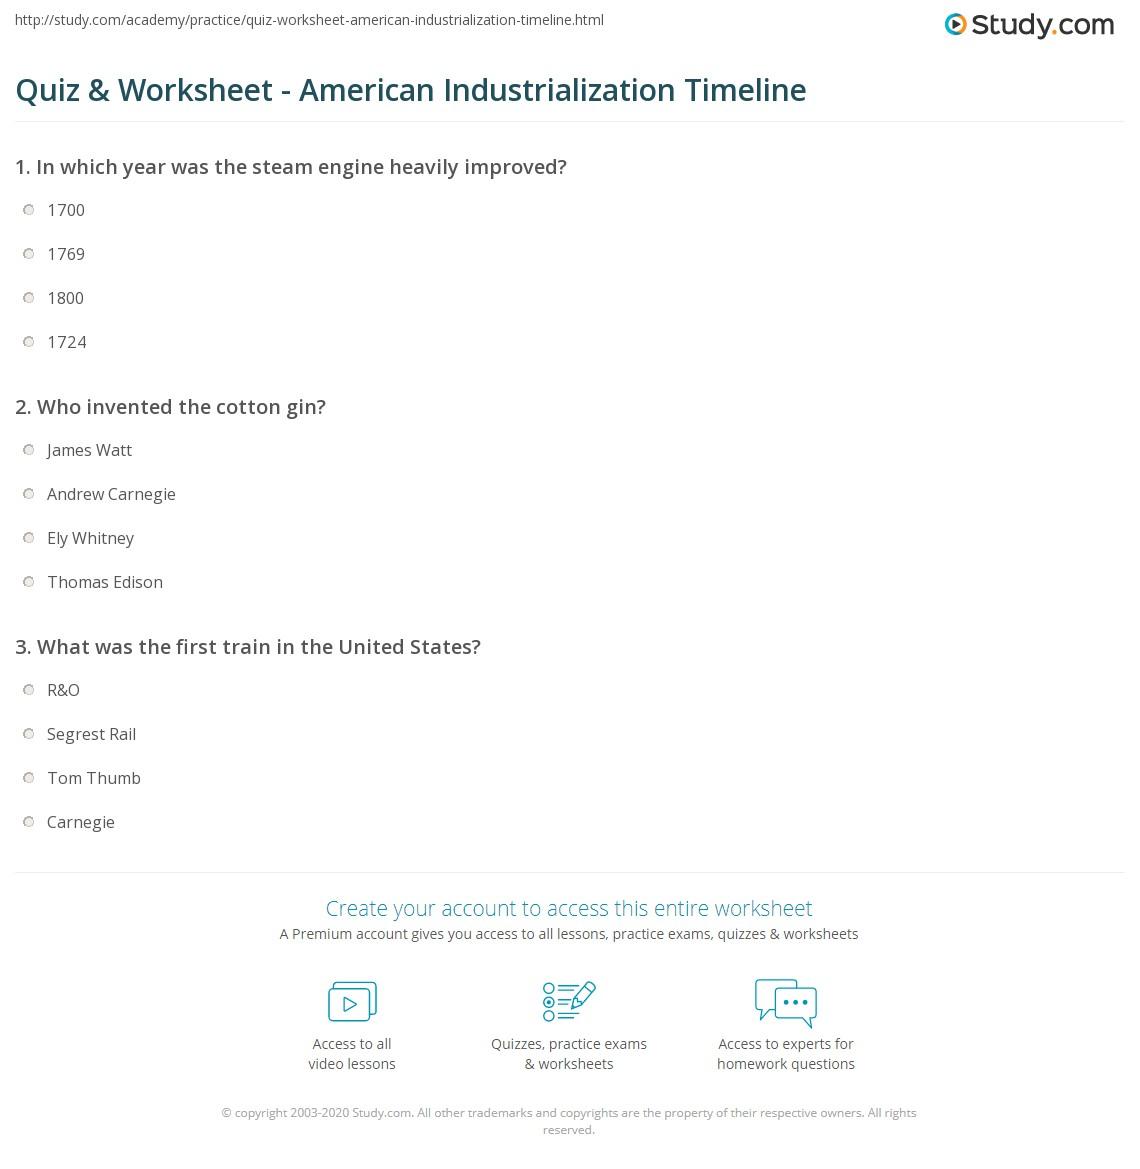 quiz worksheet american industrialization timeline. Black Bedroom Furniture Sets. Home Design Ideas